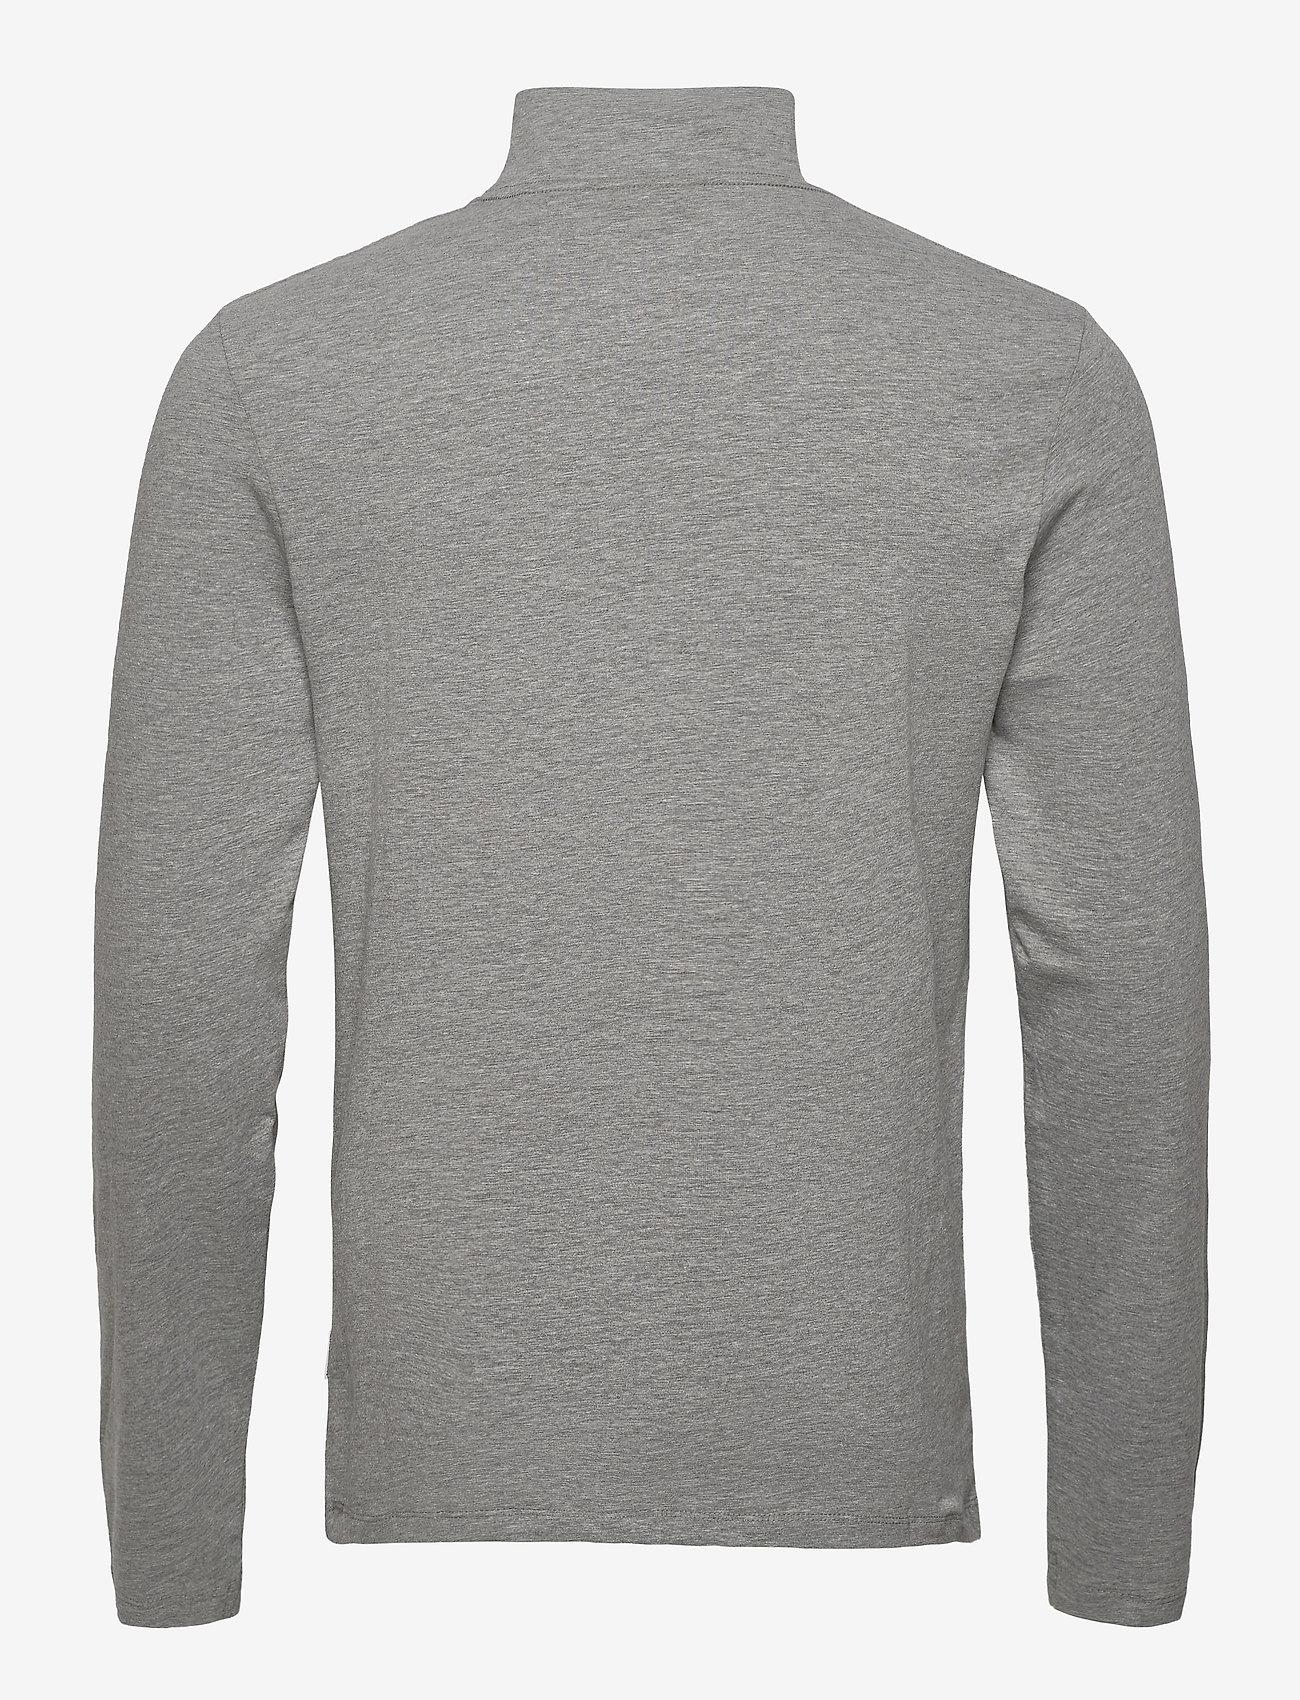 Lindbergh Turtle neck tee L/S - T-skjorter LT GREY MEL - Menn Klær